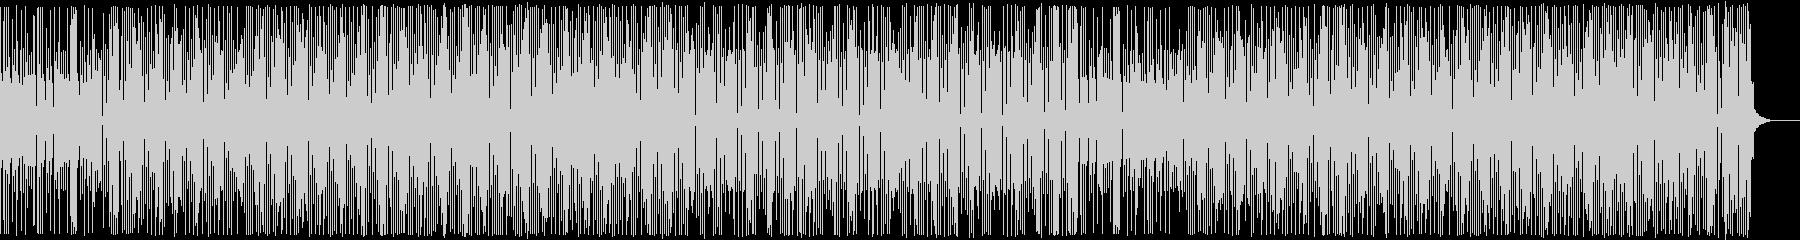 三味線・お江戸・和風テクノ・かけ声なしの未再生の波形